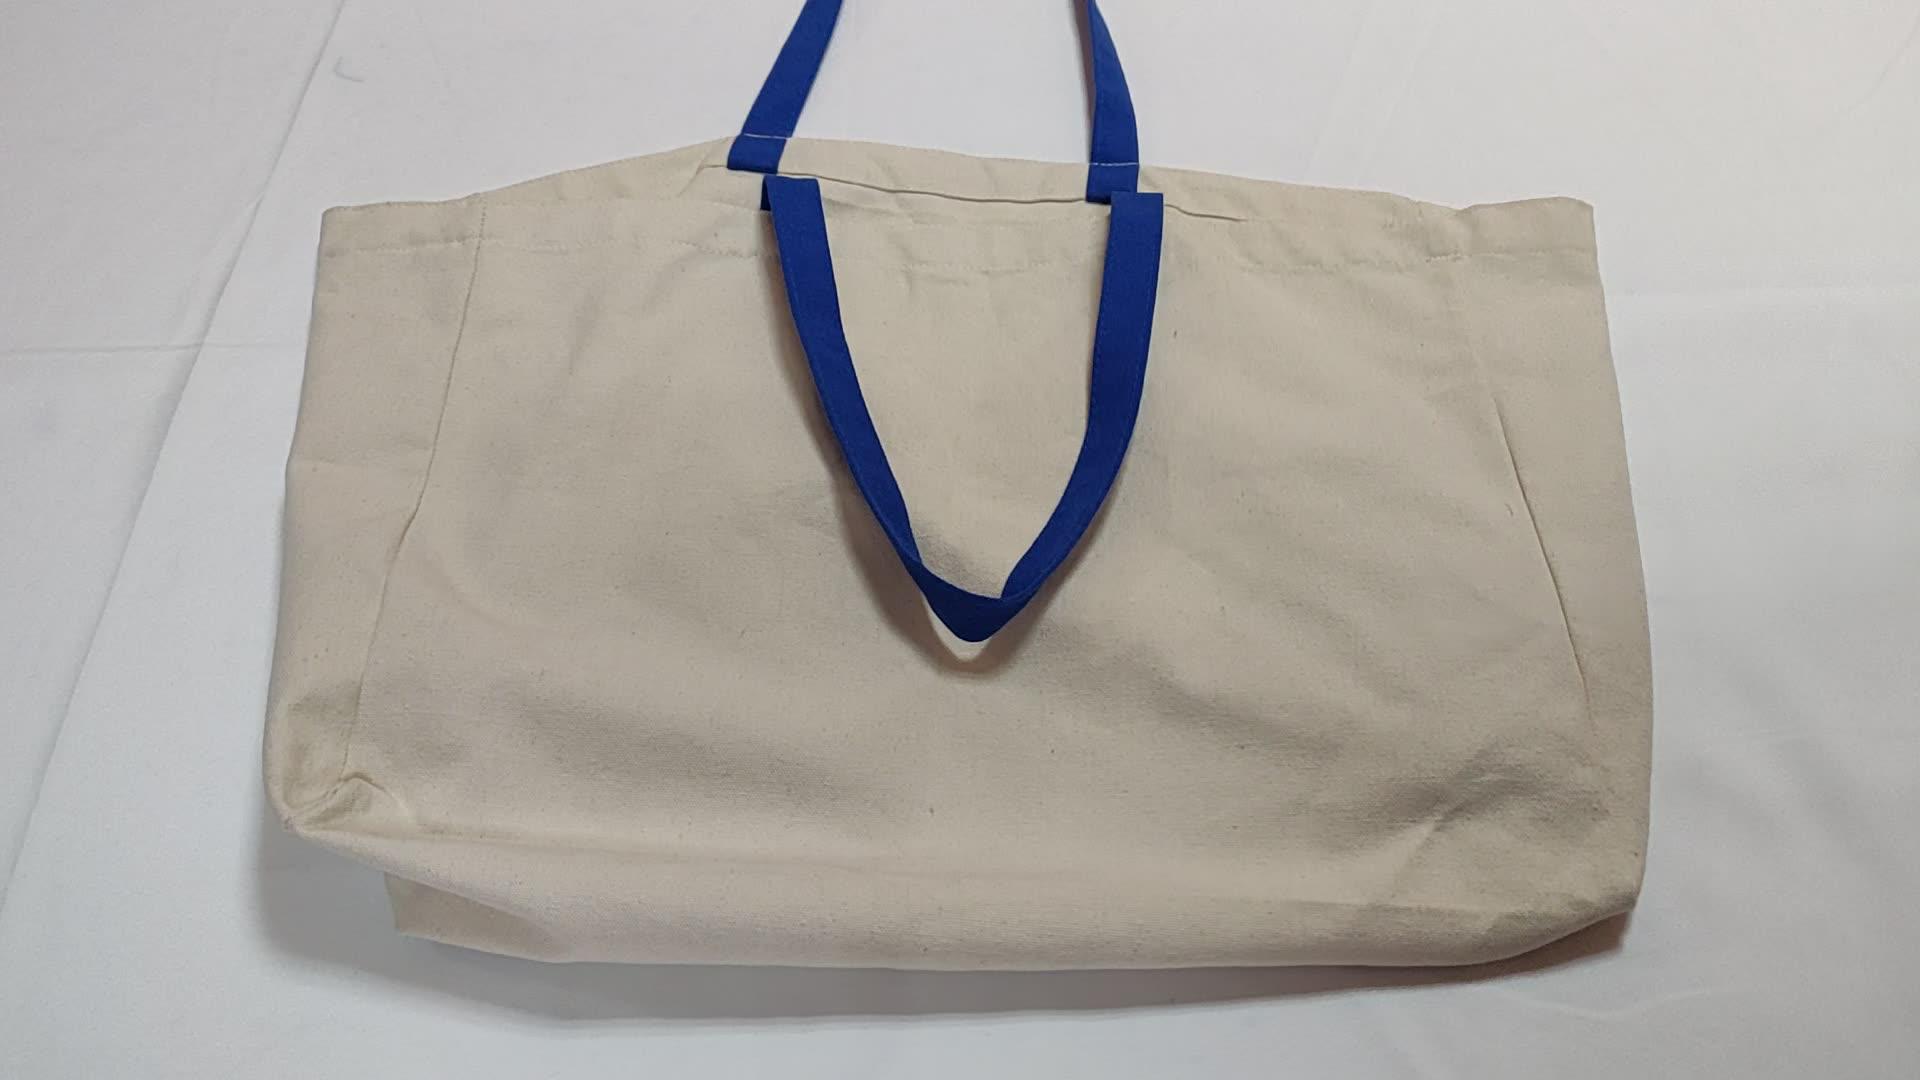 複数ポケット付きエココットントートバッグキャンバスバッグカスタムロゴ